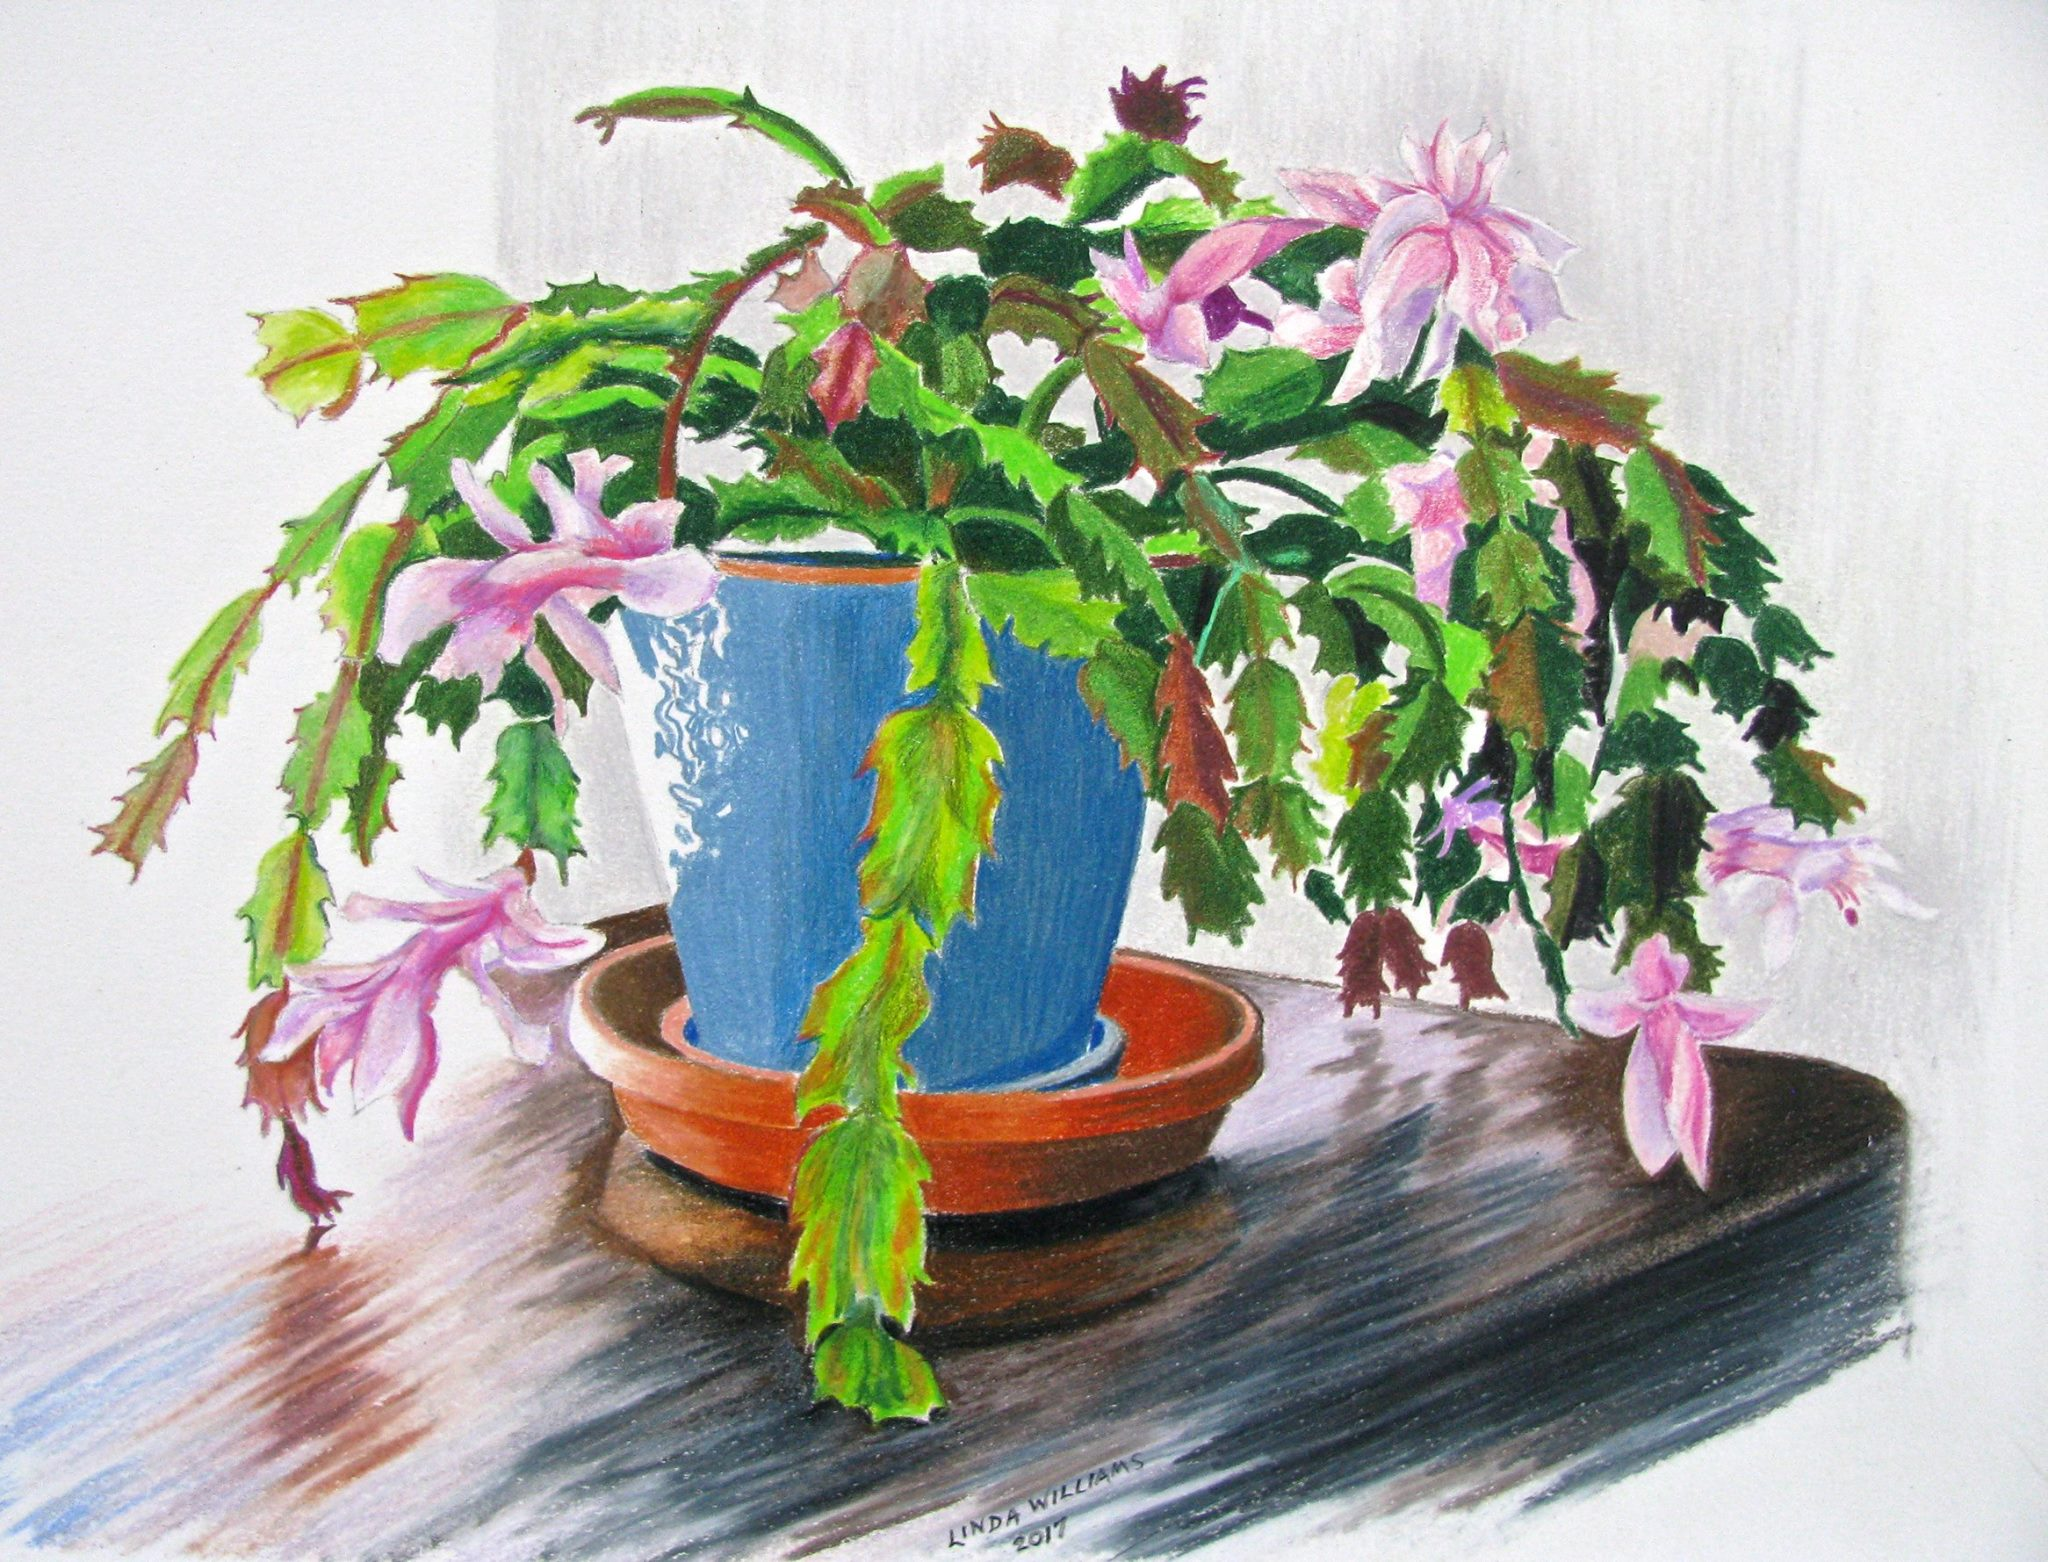 L. Williams, Xmas Cactus